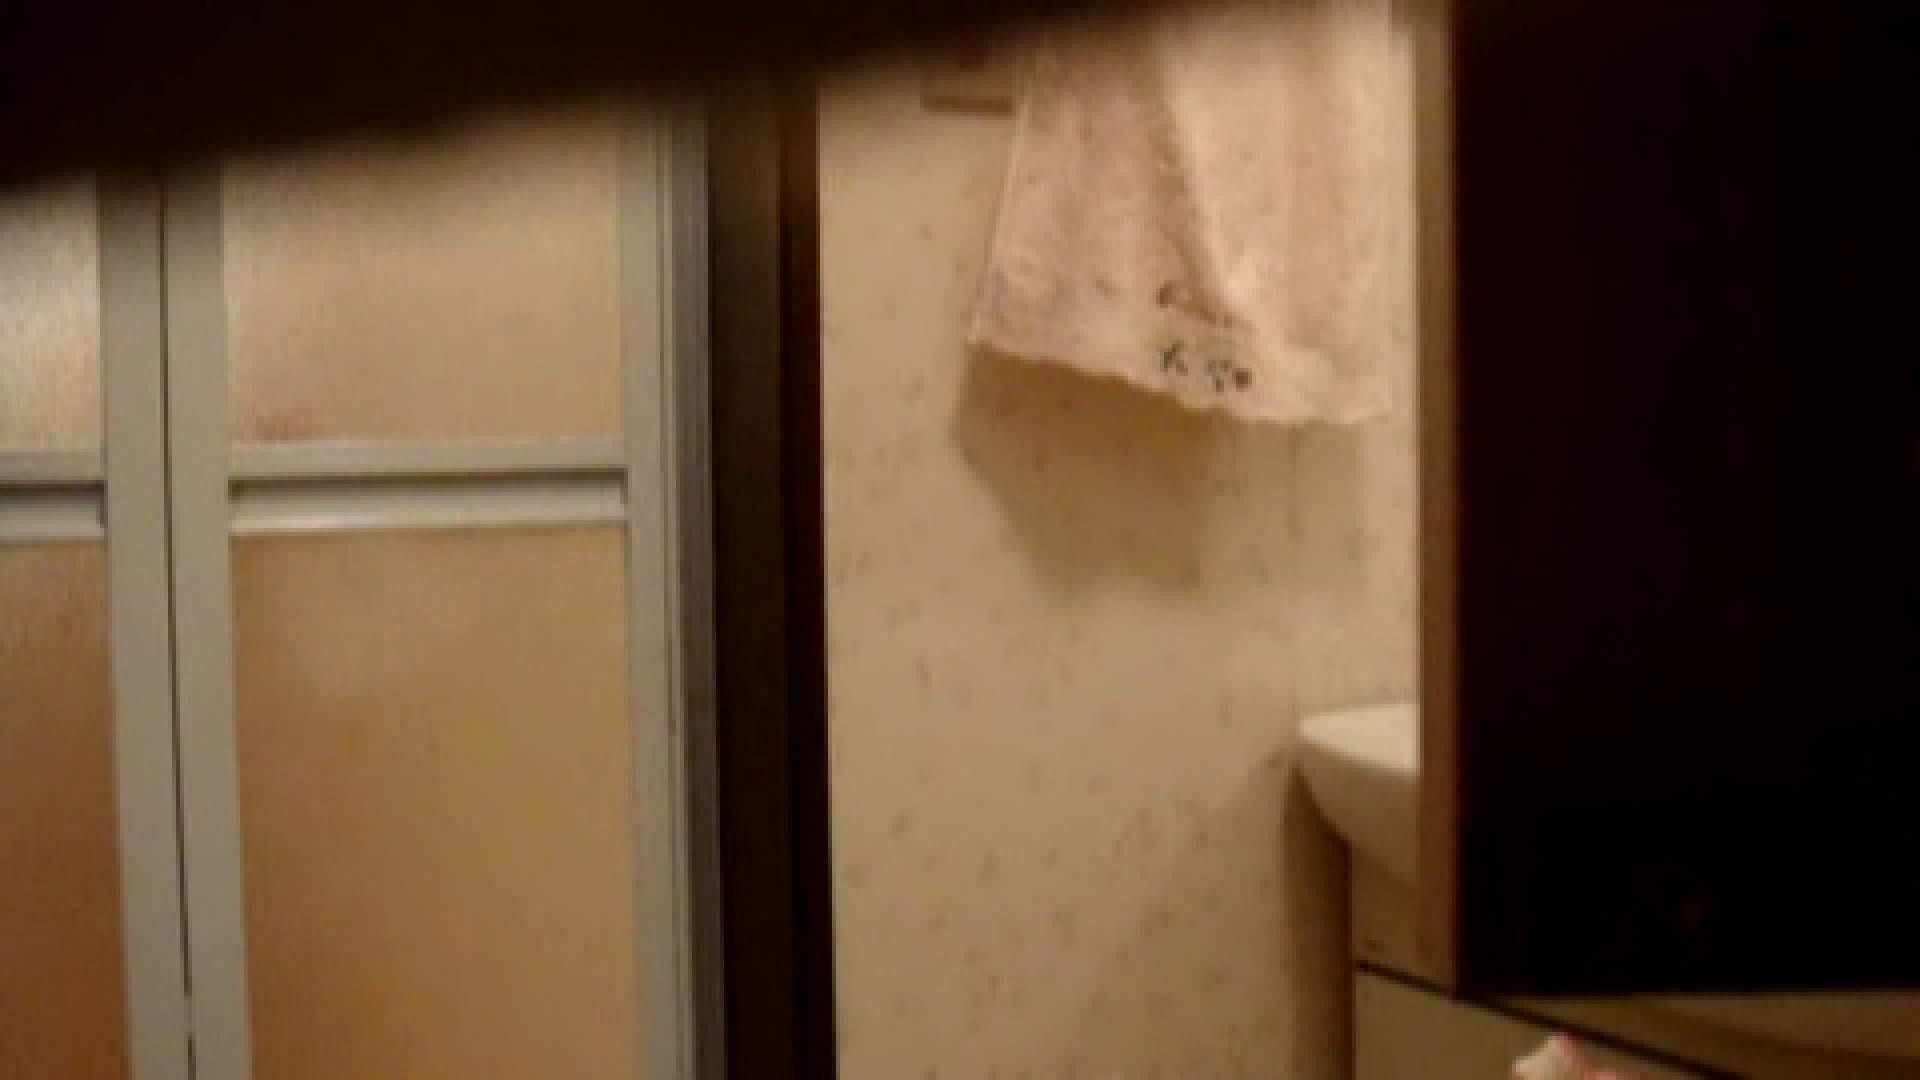 二人とも育てた甲斐がありました… vol.08 まどかの入浴中にカメラに気付いたか!? 入浴 | HなOL  50pic 6